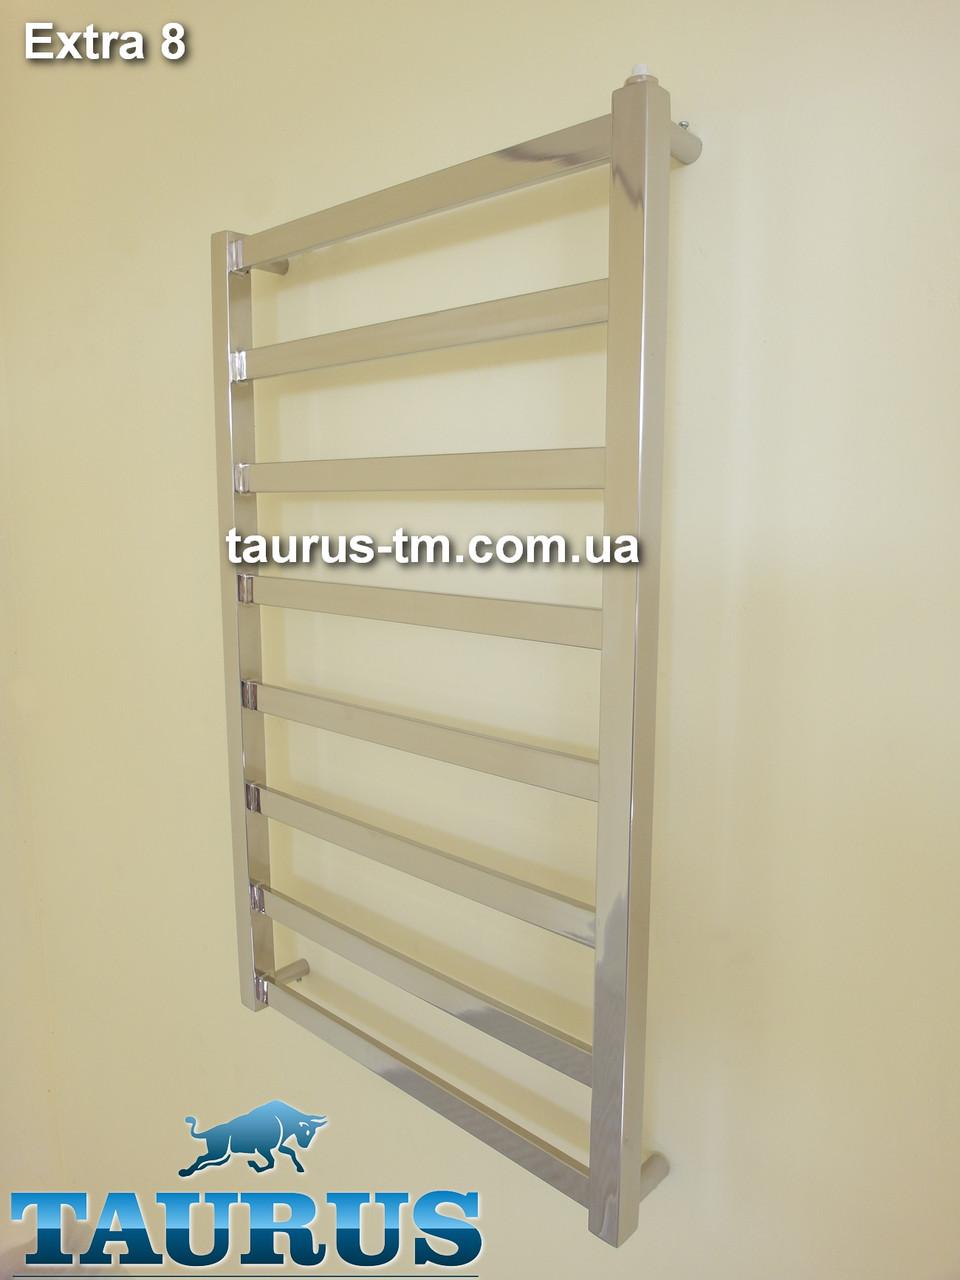 Современный и стильный полотенцесушитель Extra 8/ 850х500. Все в плоском и ровном дизайне, TAURUS